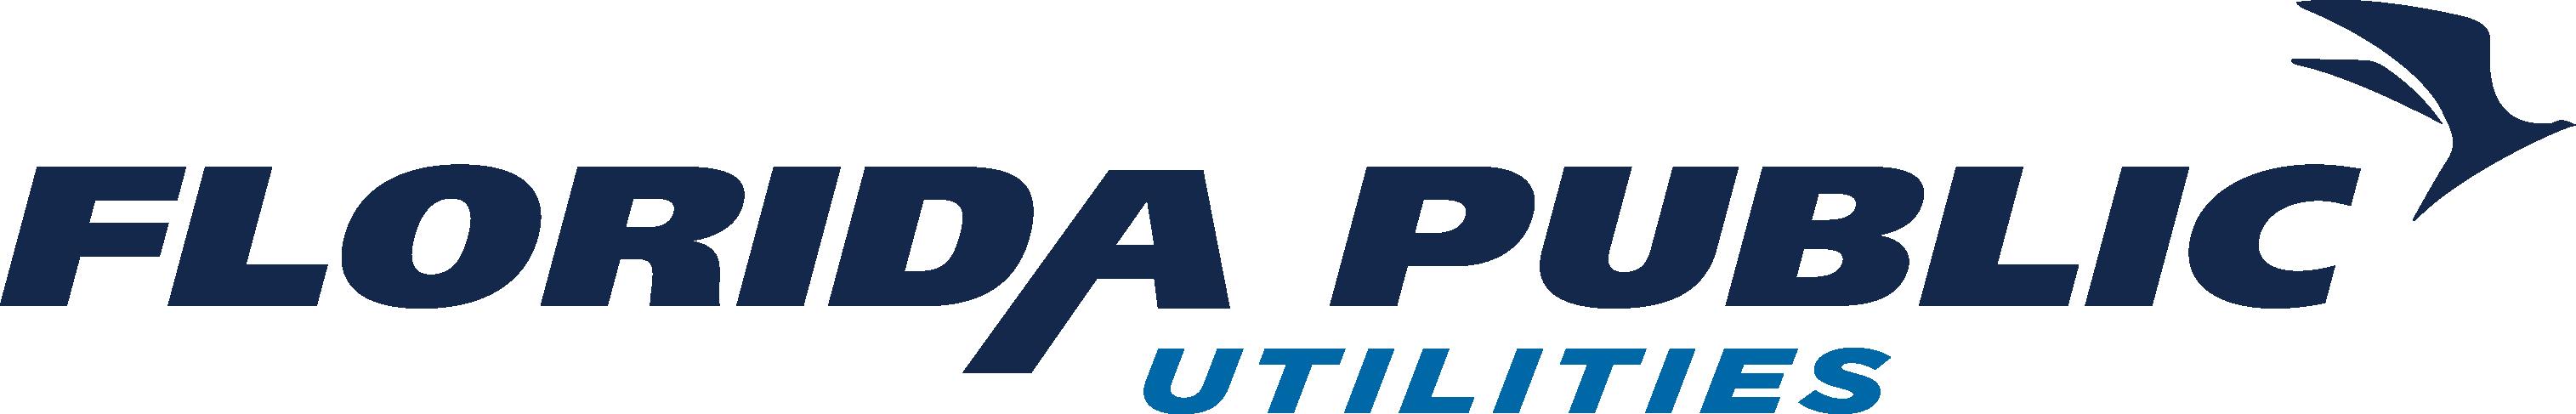 Florida Public Utilities